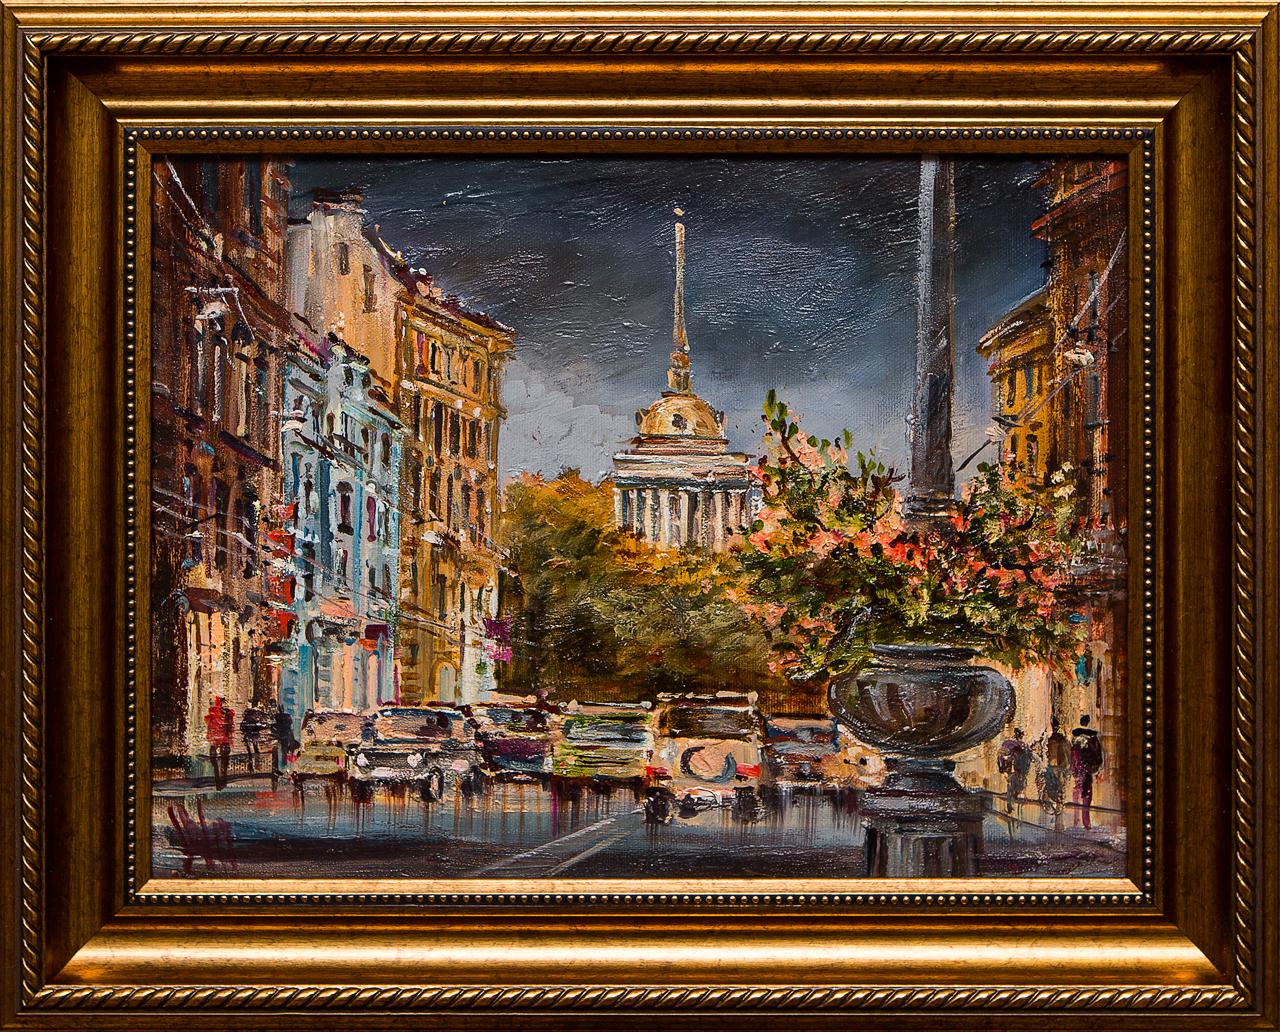 Картина маслом Шумный город Шеренкова картина маслом шумный город шеренкова